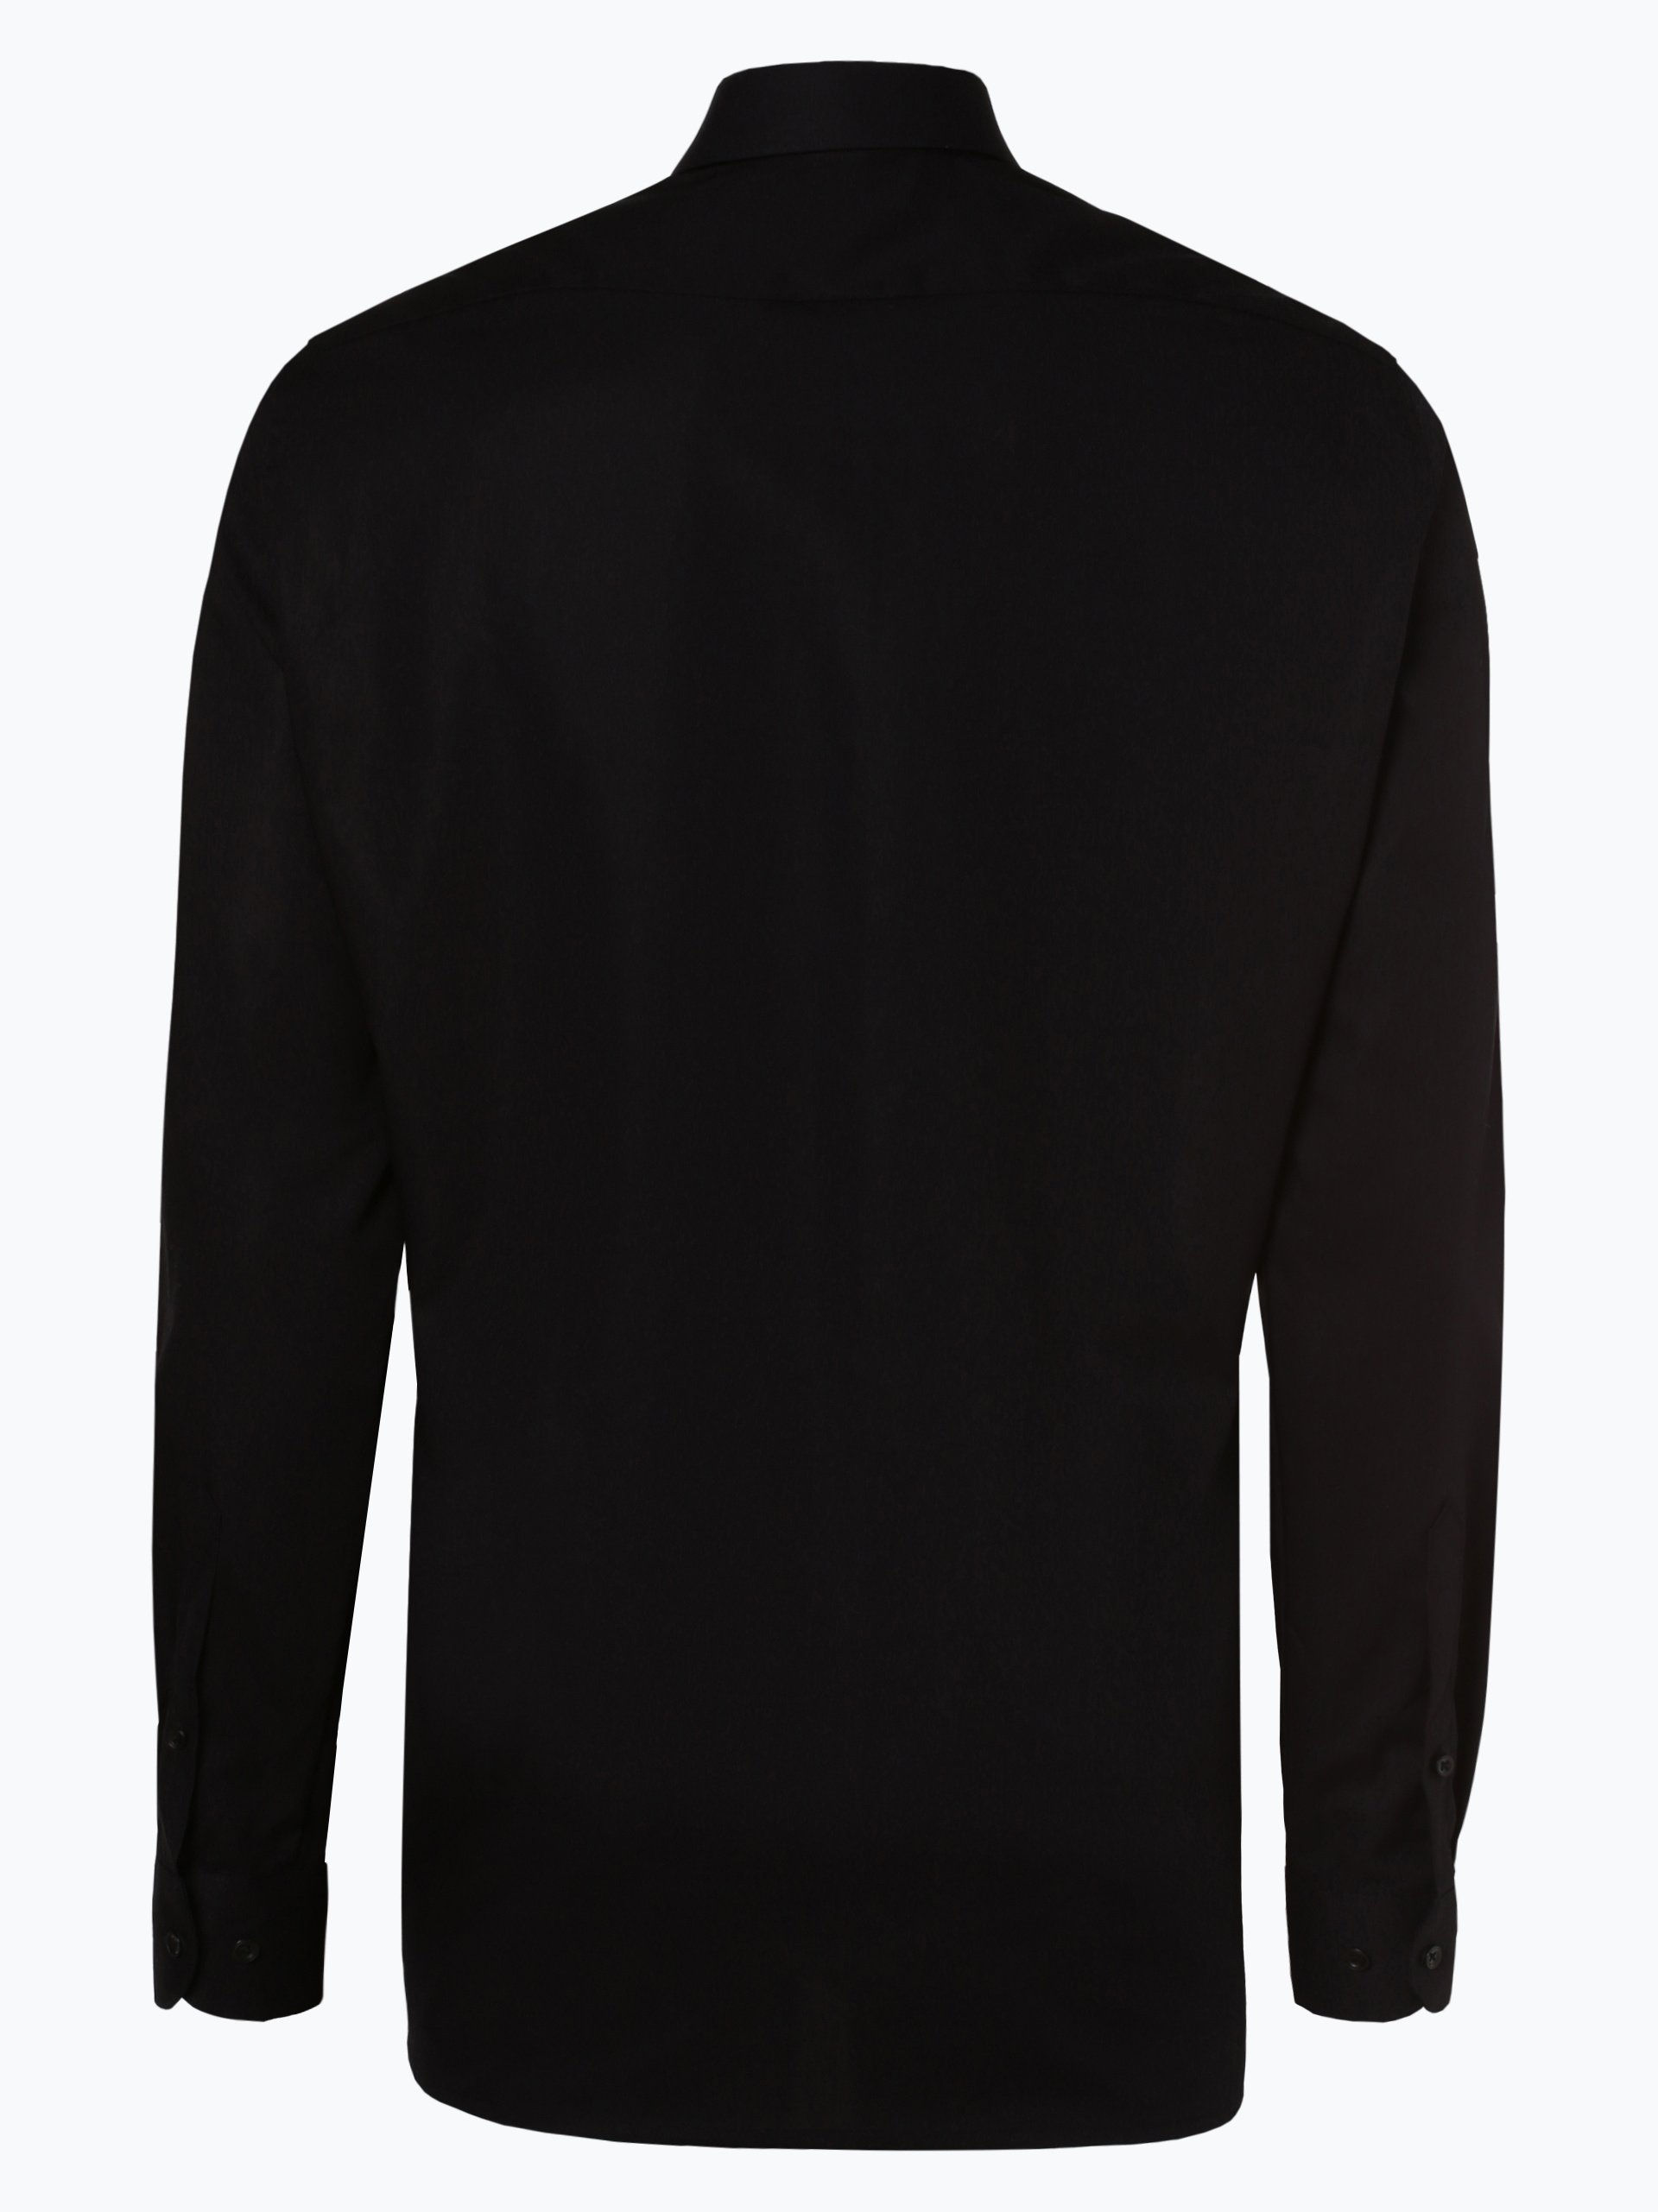 Finshley & Harding Herren Hemd mit extralangen Ärmeln - Bügelleicht